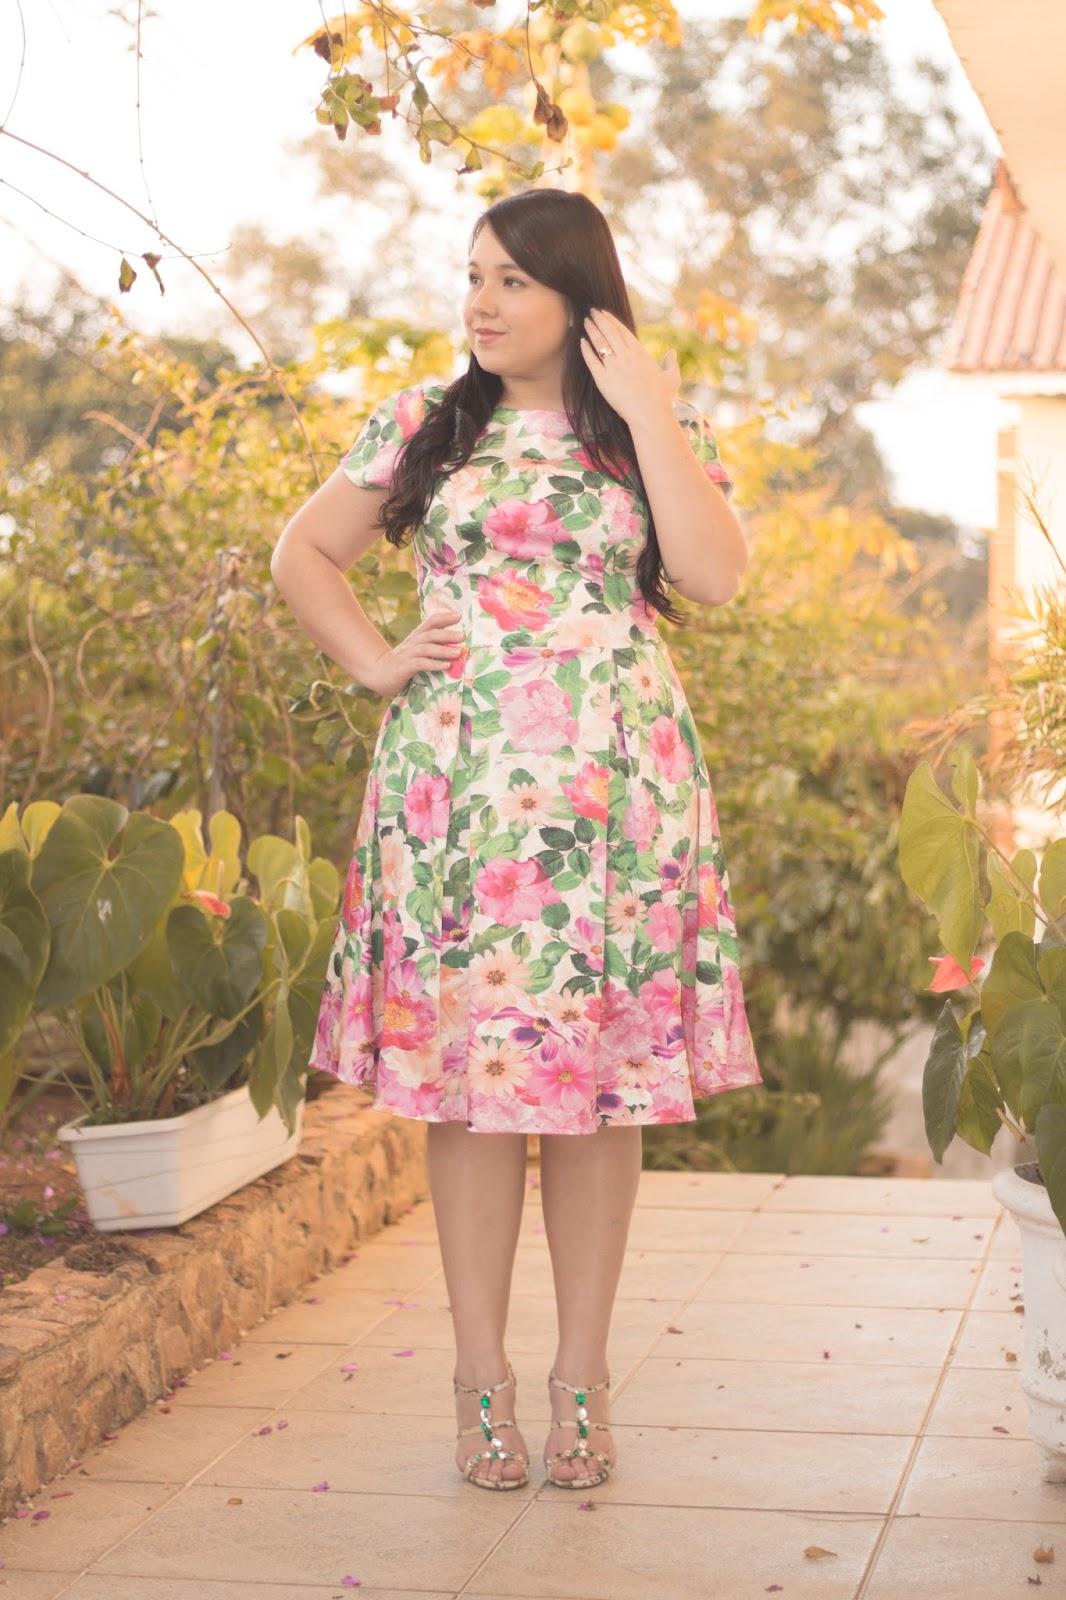 Vestido Lady like - Jany Pim ♥